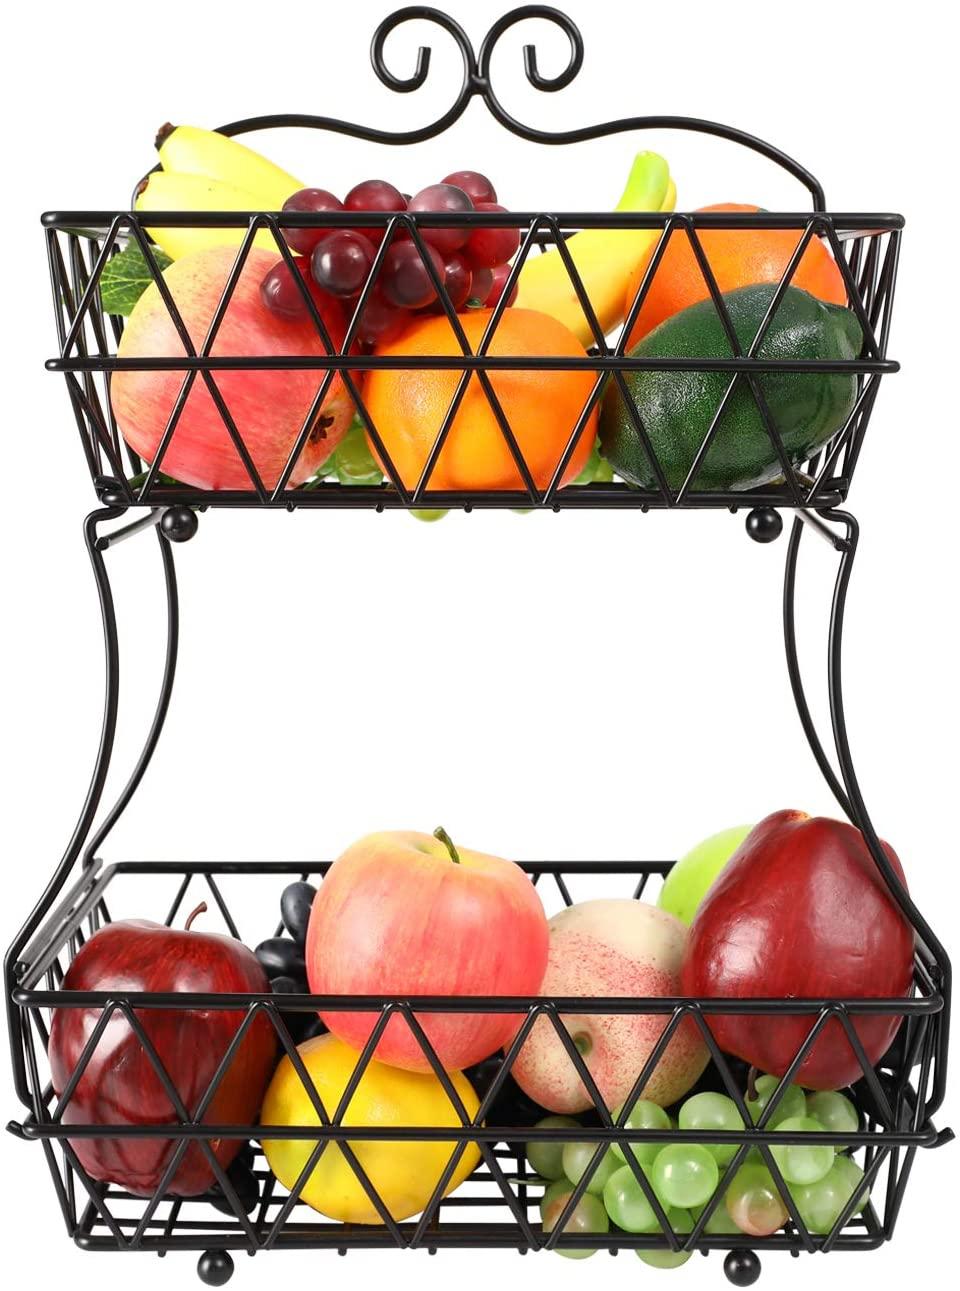 IZLIF 2-Tier Fruit Basket Metal Fruit Bowl Bread Baskets Detachable Fruit Holder kitchen Storage Baskets Stand - Screws Free Design for Fruits Breads Vegetables Snacks